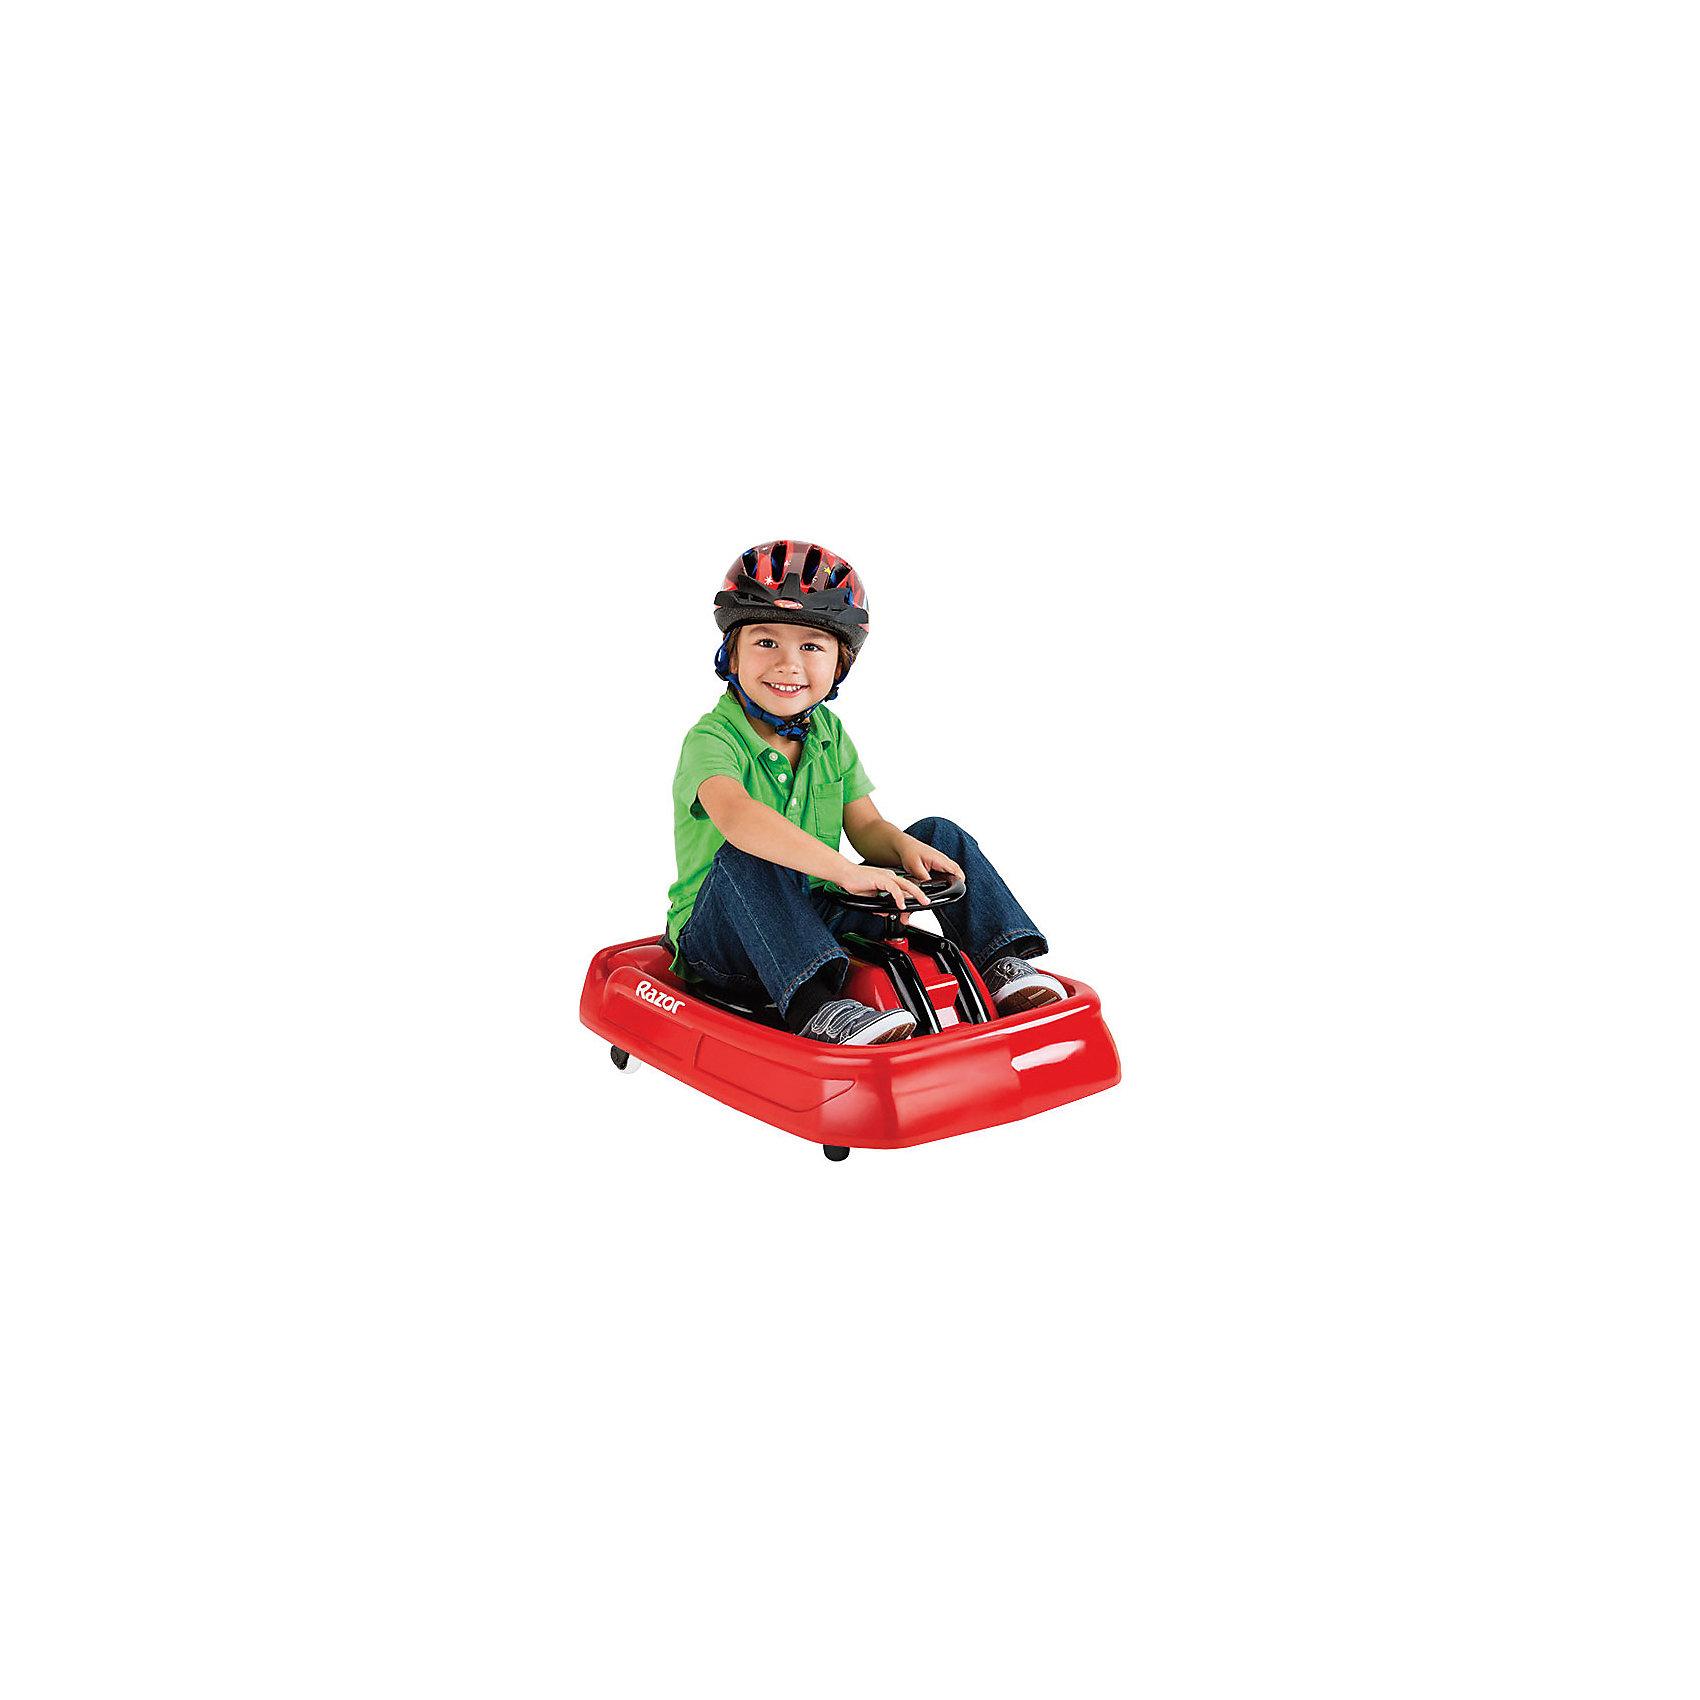 Электро дрифт-карт Lil Crazy, красный, RazorCrazy Cart, теперь доступен в меньшем размере, для самых маленьких экстремалов, которые только готовы освоить дрифт, скорость, вращения и движение боком. Этот карт специально разработан для юных гонщиков, имеет адаптивное управление и небольшую скорость в 3,5 км/час.<br><br>Дополнительная информация:<br><br>Для детей ростом от 80 до 120 см.<br>Максимальная скорость 3,5 км/час<br>Максимальная нагрузка 20 кг.<br>Запас хода на 40 минут<br>Адаптированный мотор для маленьких райдеров<br>АКБ свинцово-кислотные на 6В<br>Педаль активации мотора<br>Мягкая резина для комфортной езды<br>Помогает стимулировать и развивать координацию<br>Ширина LilCrazy 47 см, общая длина 69 см.<br>Требуется частичная сборка<br><br>Электро дрифт-карт Lil Crazy, красный, Razor можно купить в нашем магазине.<br><br>Ширина мм: 690<br>Глубина мм: 470<br>Высота мм: 350<br>Вес г: 3000<br>Возраст от месяцев: 24<br>Возраст до месяцев: 2147483647<br>Пол: Унисекс<br>Возраст: Детский<br>SKU: 4720633